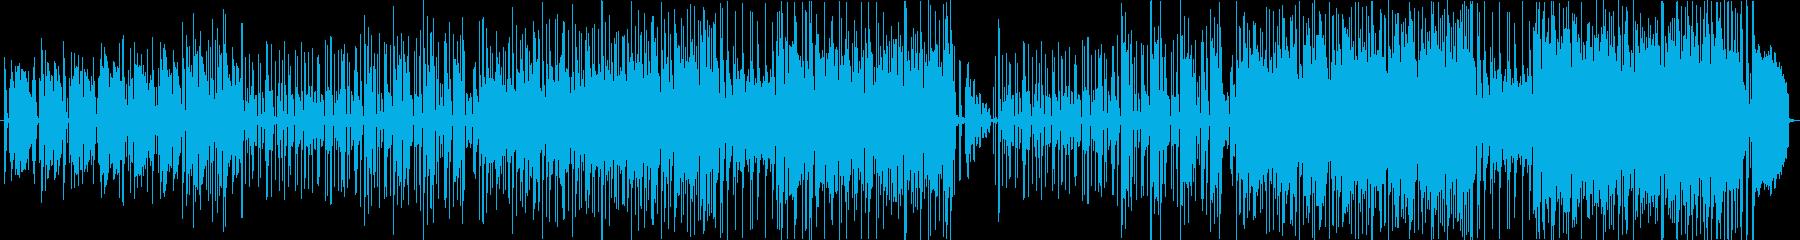 ウキウキした日常のEテレ風ファニーソングの再生済みの波形